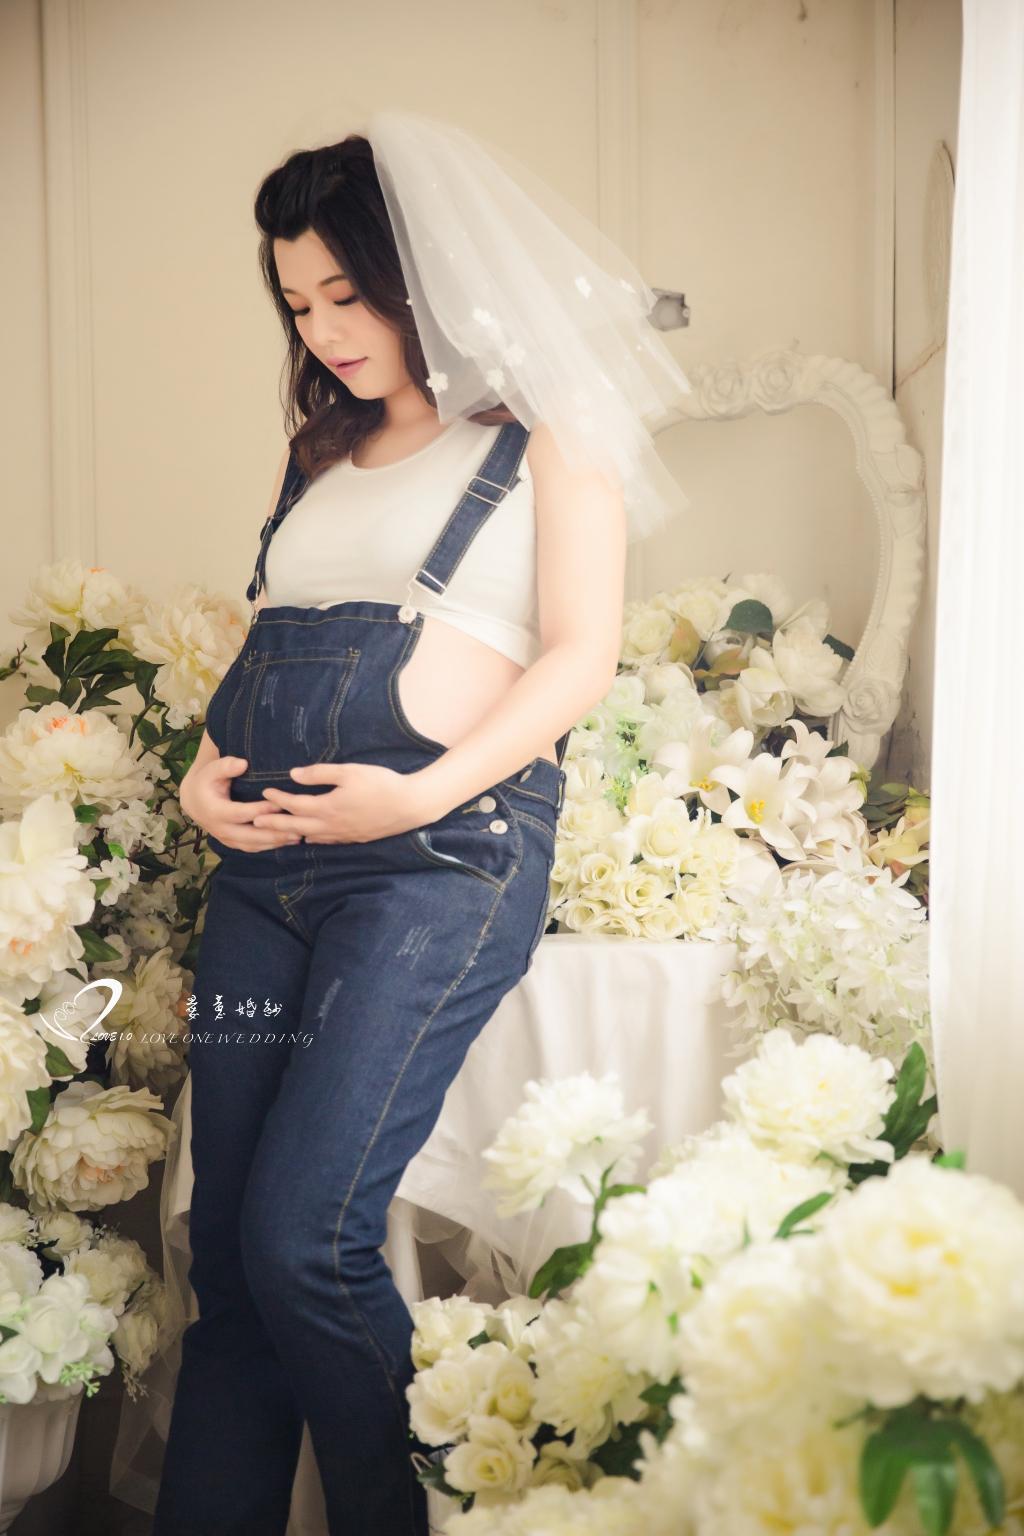 愛意孕婦寫真773